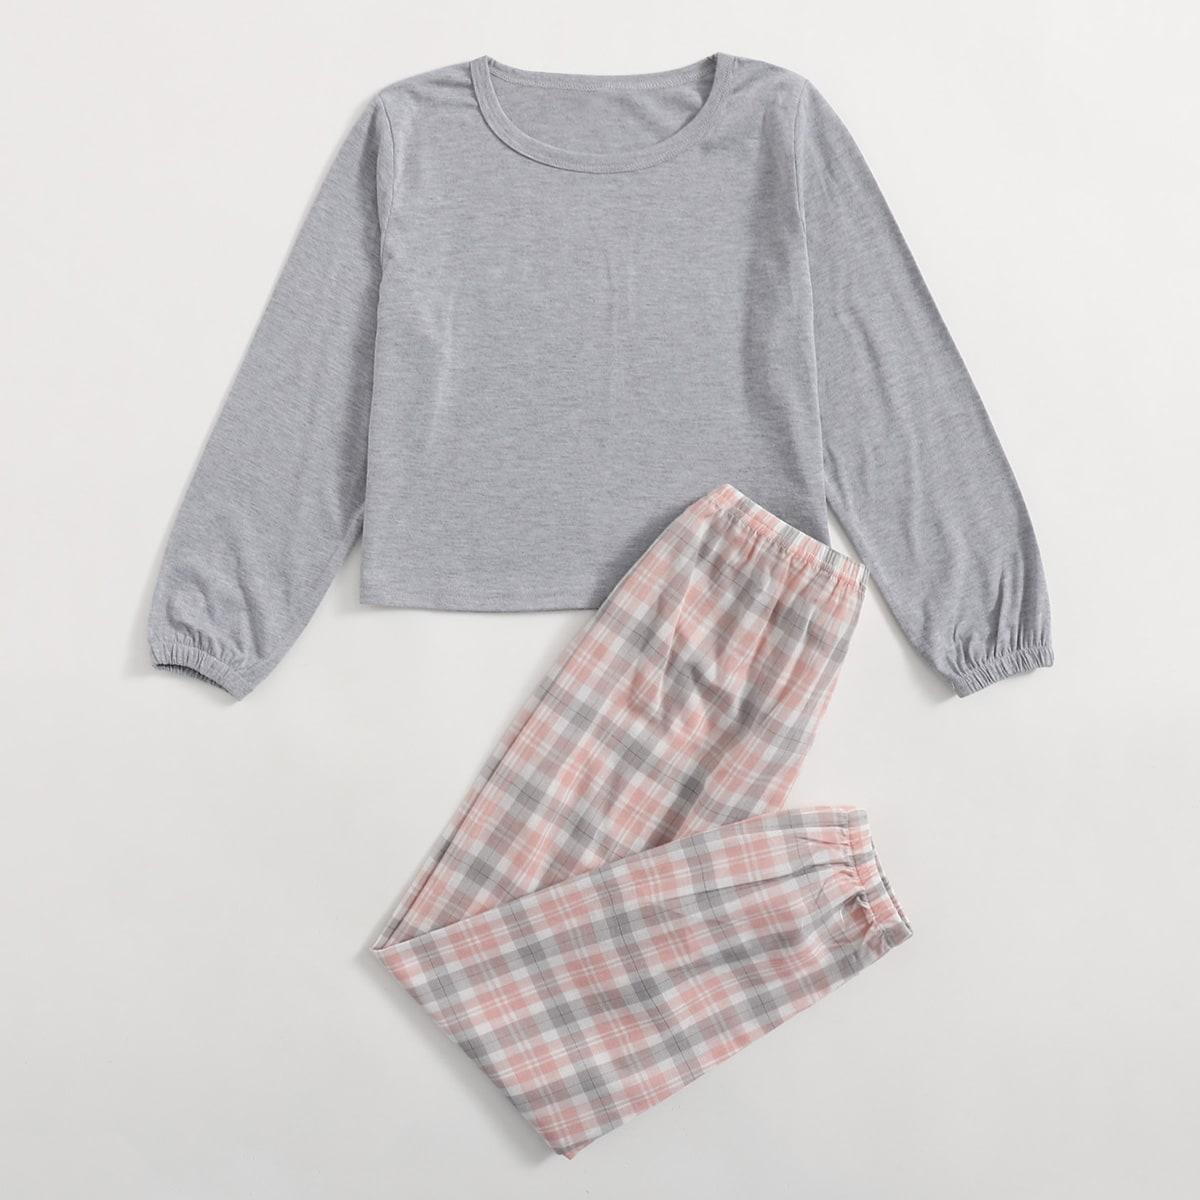 в клетку Повседневный Домашняя одежда для девочек